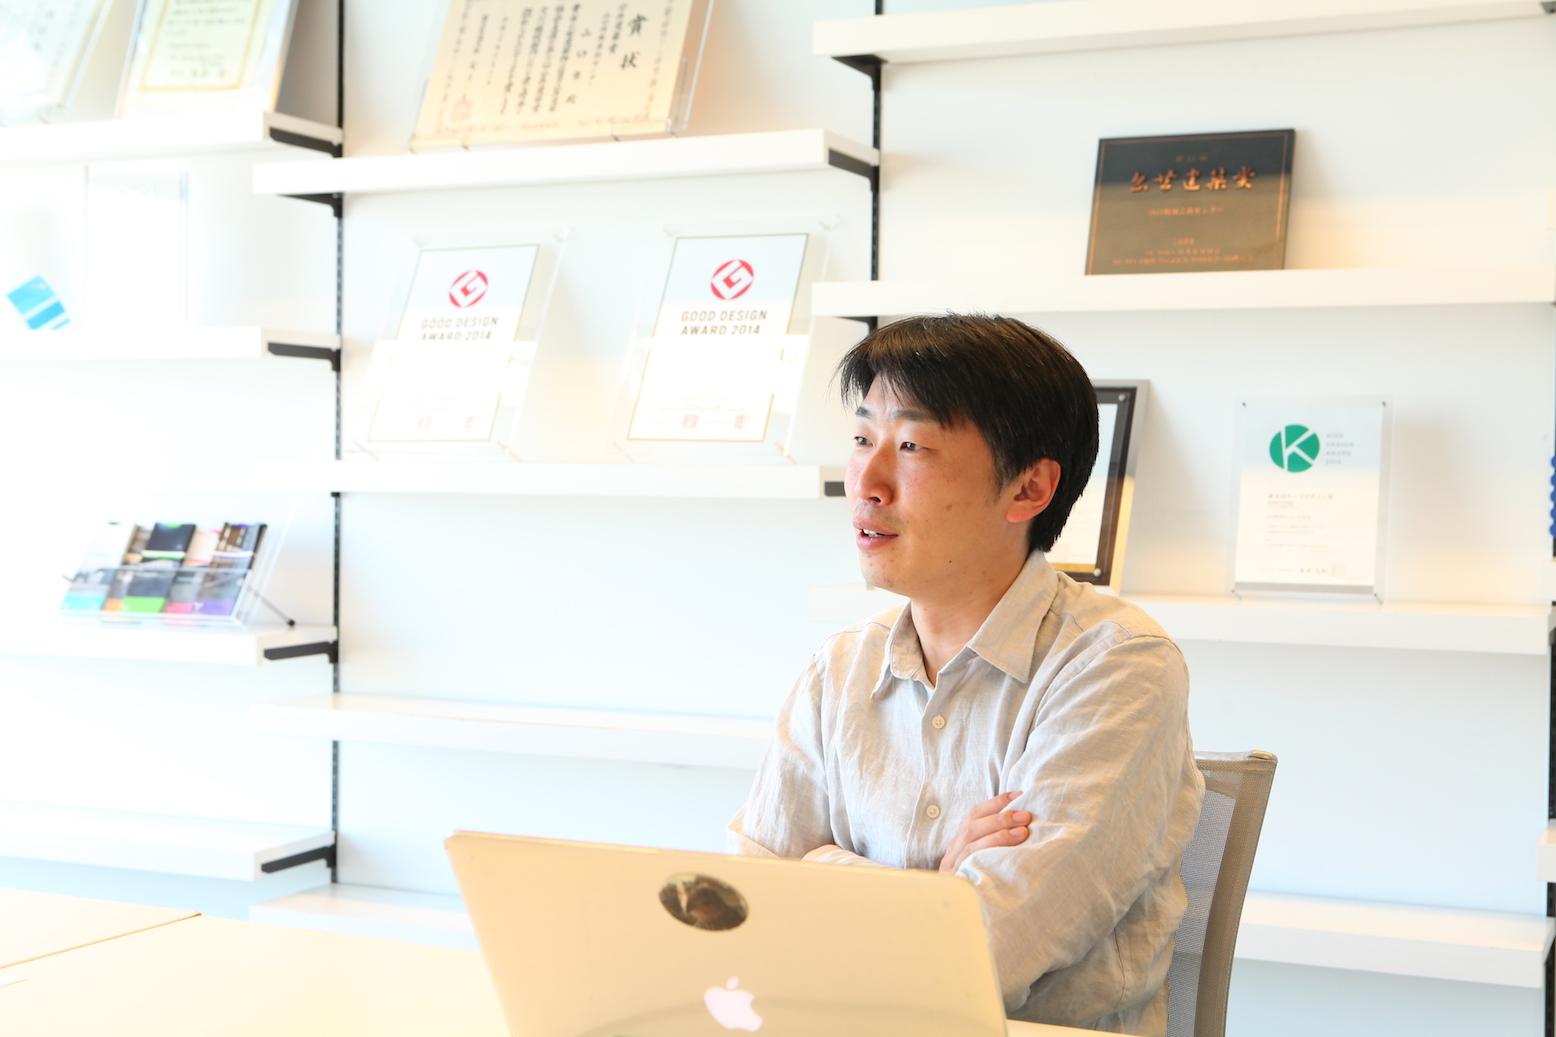 YCAMインターラボ アーキビスト/Webディレクター 渡邉朋也さん